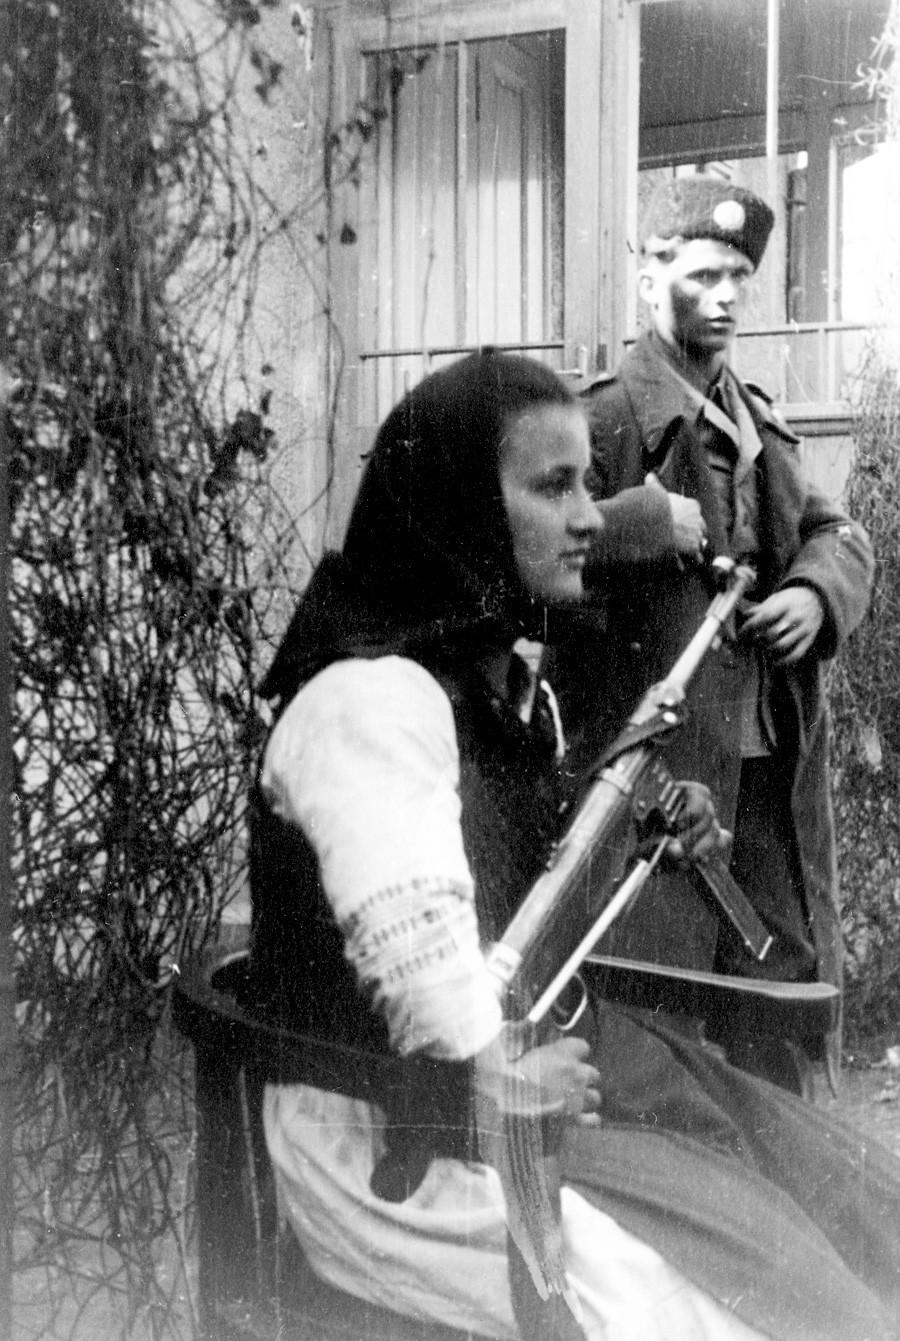 Drugi svjetski rat. Dobrovoljci Ruske oslobodilačke armije (Vlasovljeve armije), 1944.